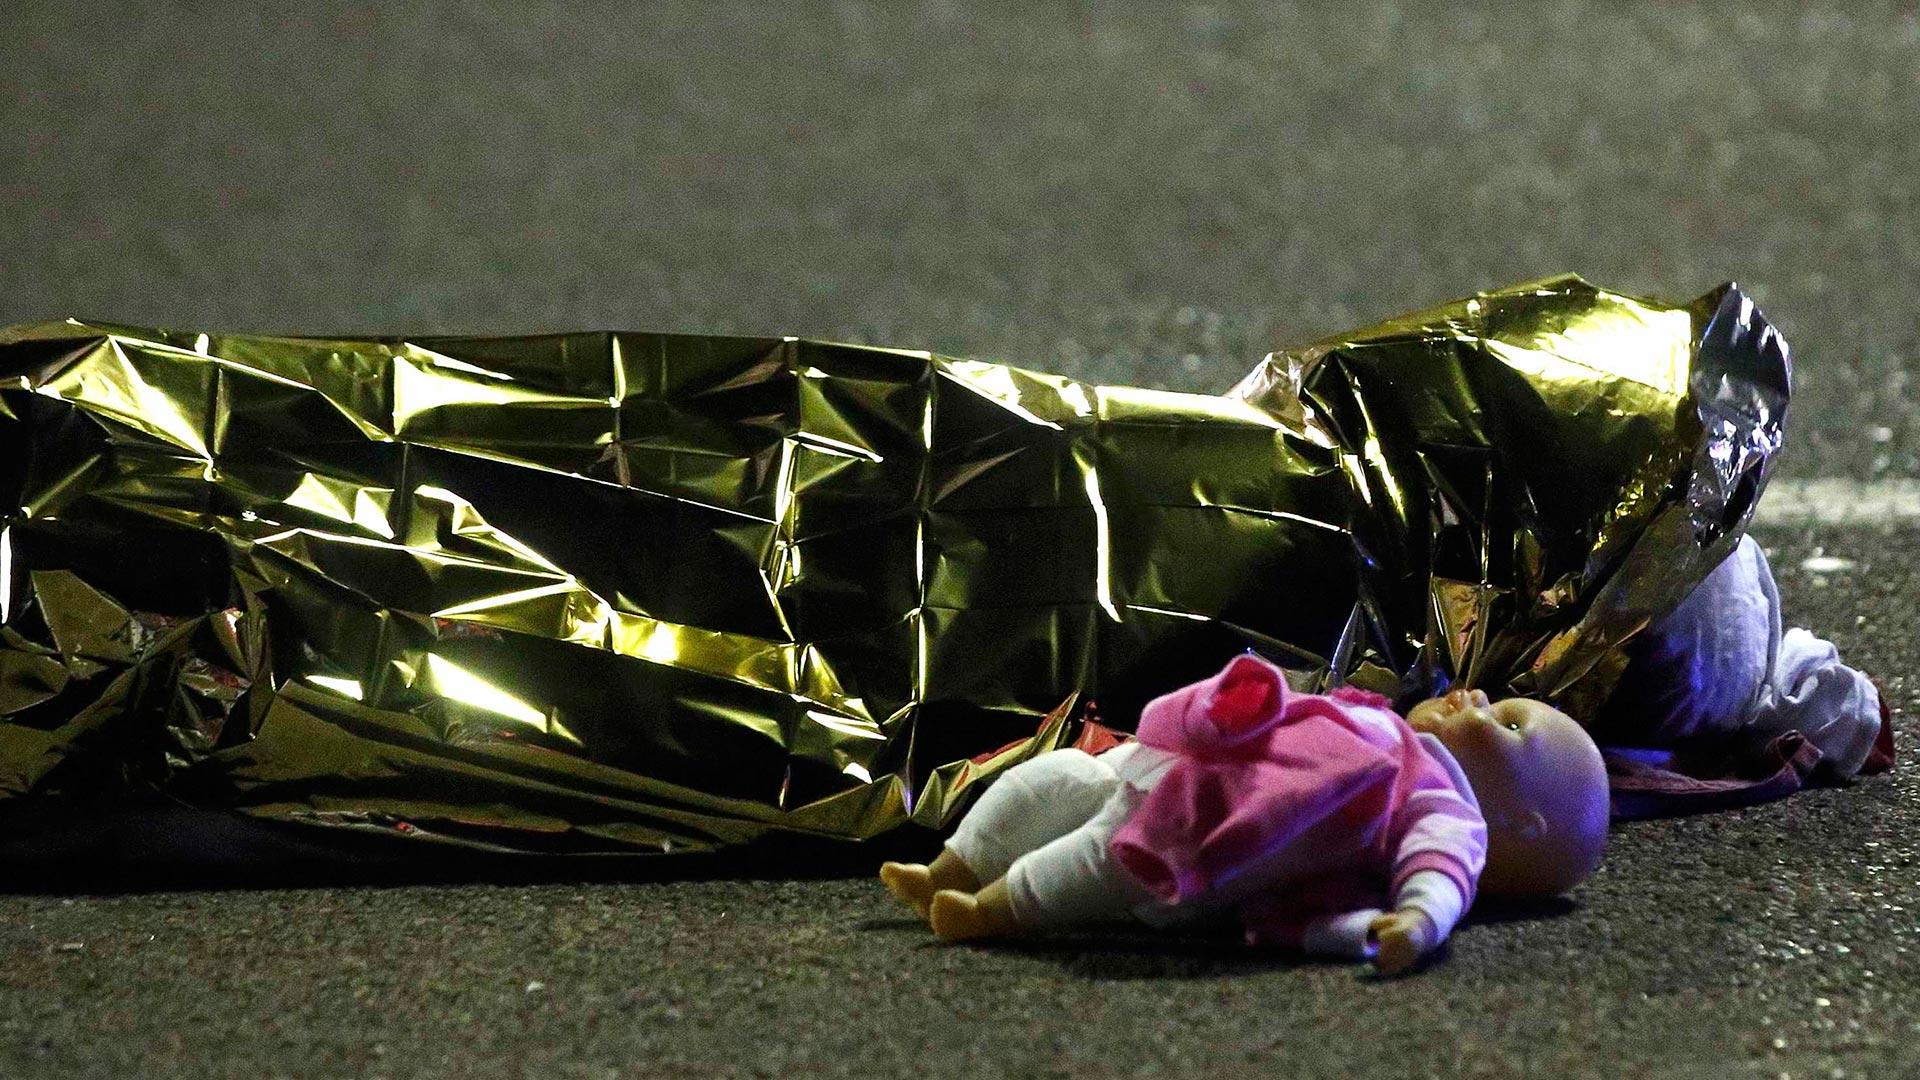 El ataque en Niza dejó al menos 80víctimas fatales (Reuters)